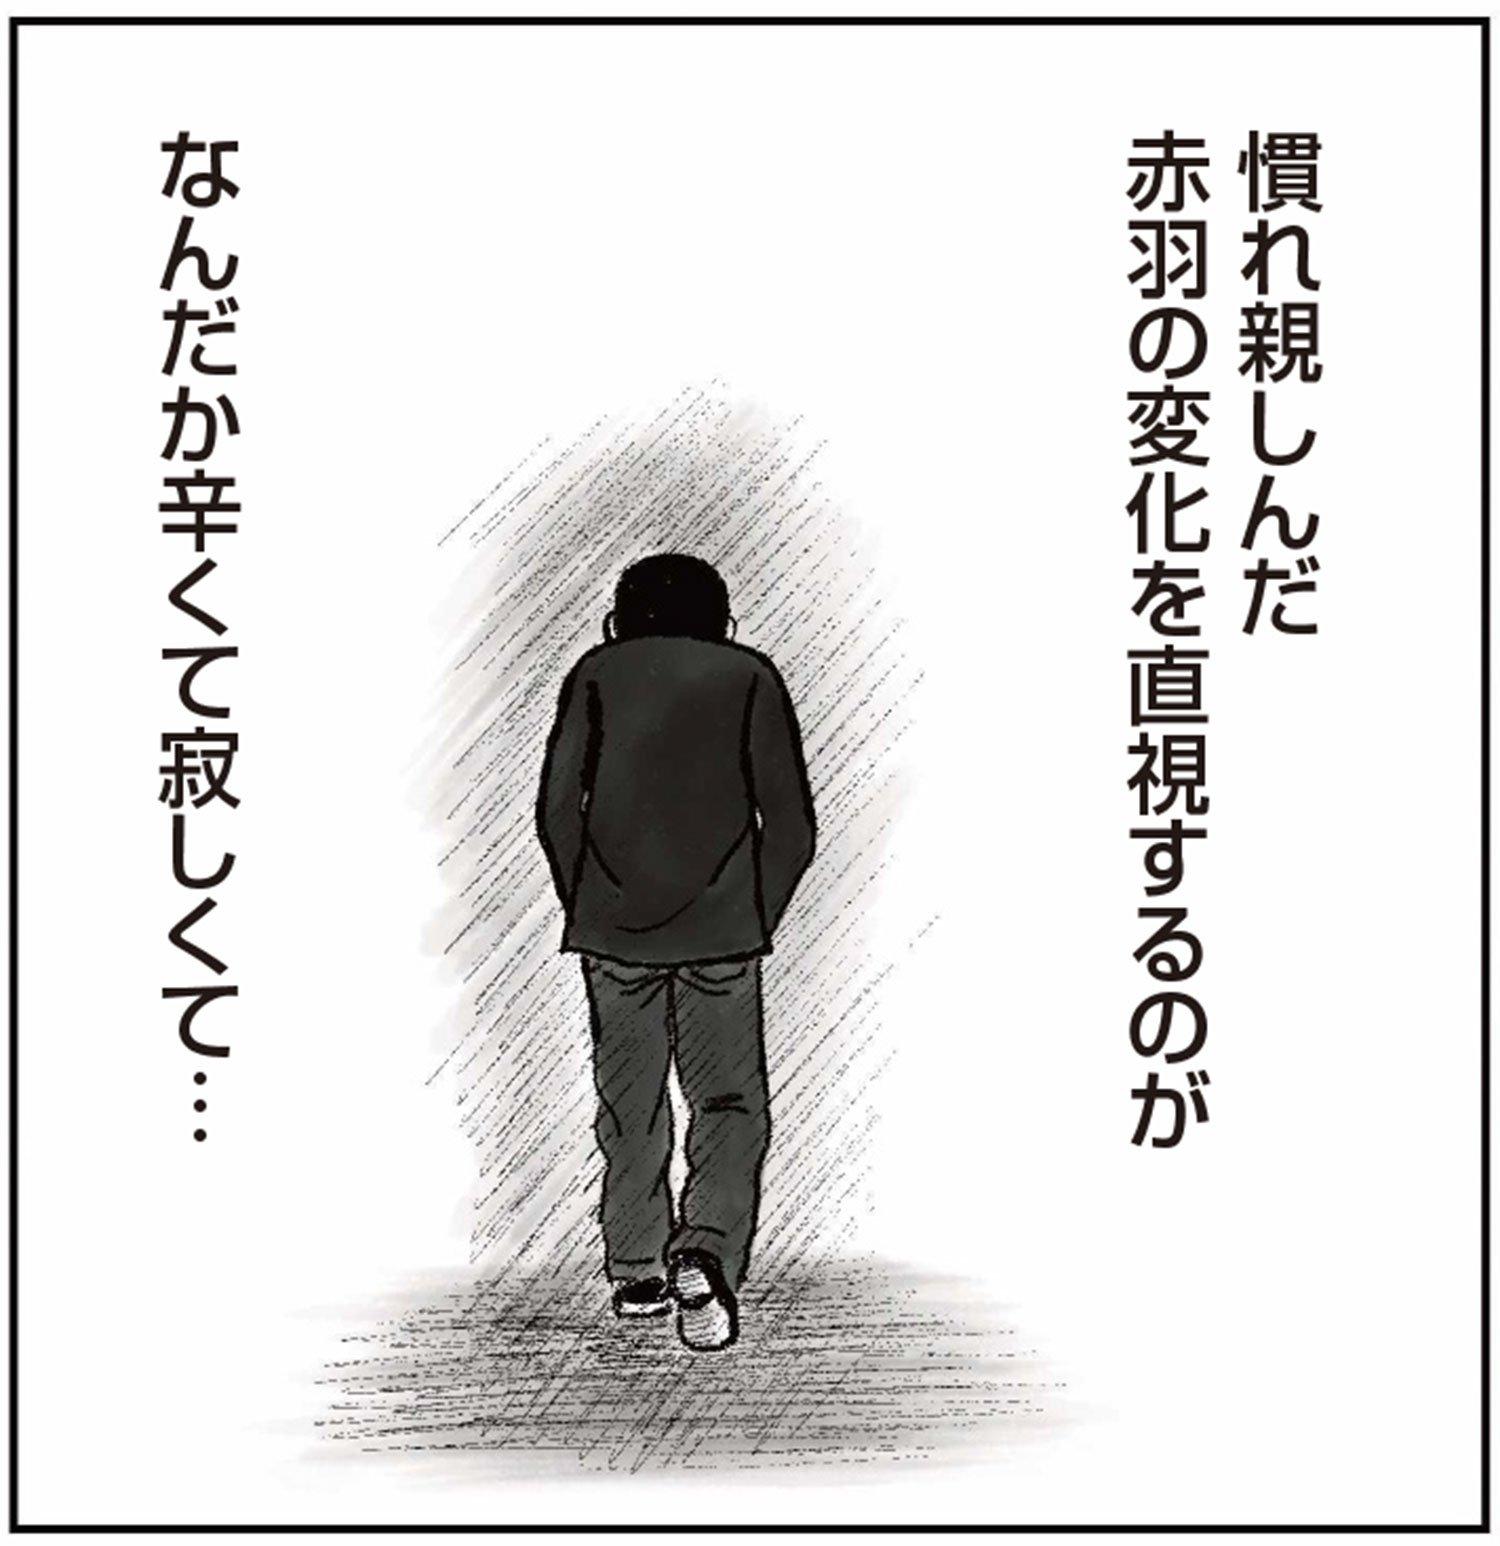 清野とおる06_09